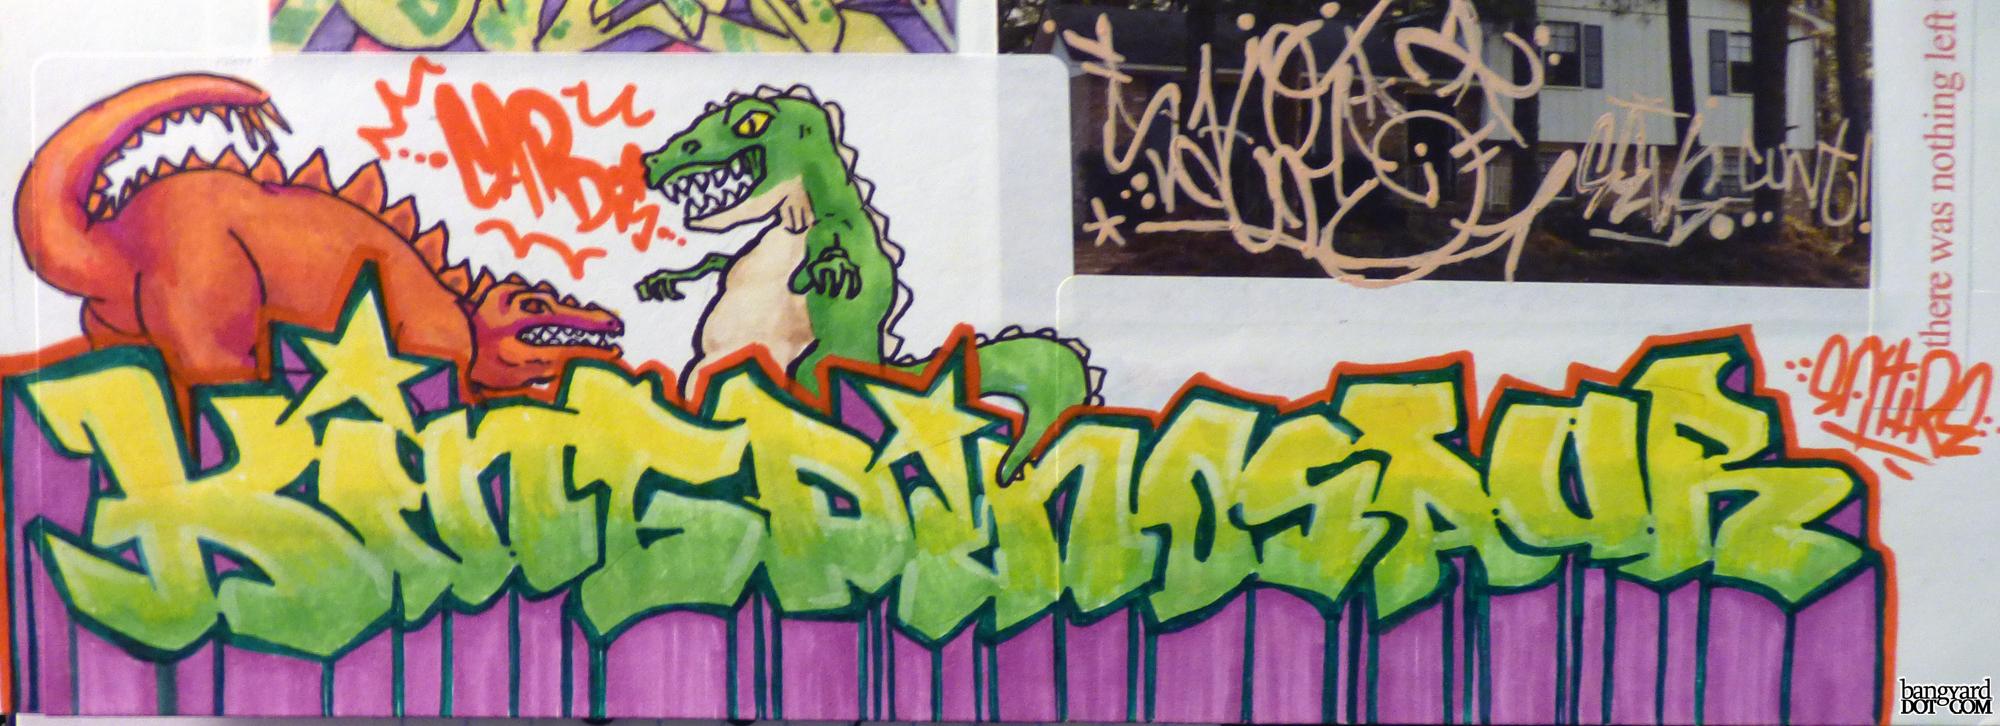 kingdinosaur.jpg